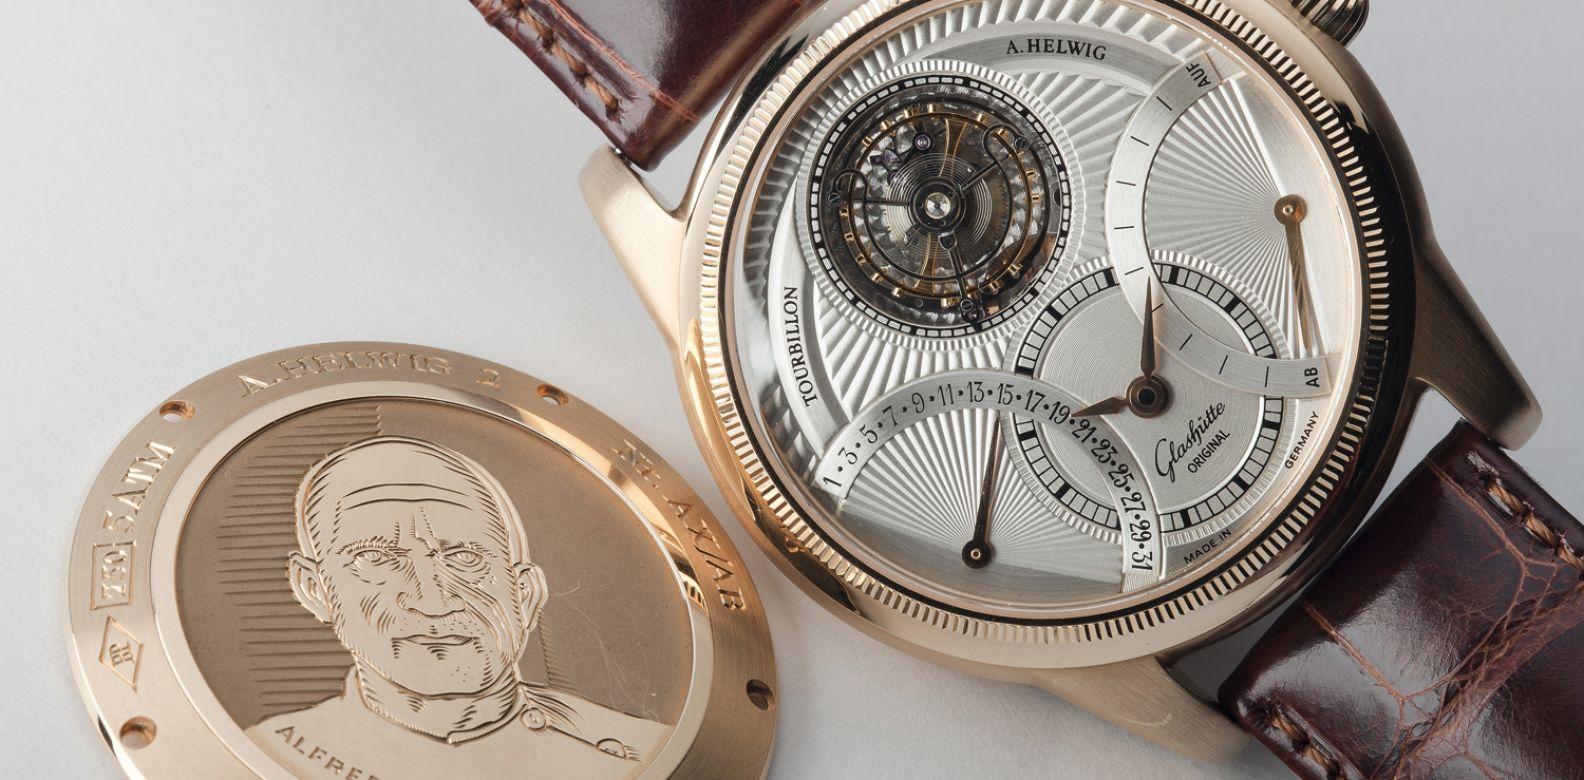 鏤空設計錶盤與特殊設計錶殼,可當成腕錶或懷錶,此為1995年Glashütte Original為慶祝製錶150週年所特別推出的Julius Assmann陀飛輪紀念腕錶及萬年曆陀飛輪紀念腕錶by Glashütte Original。